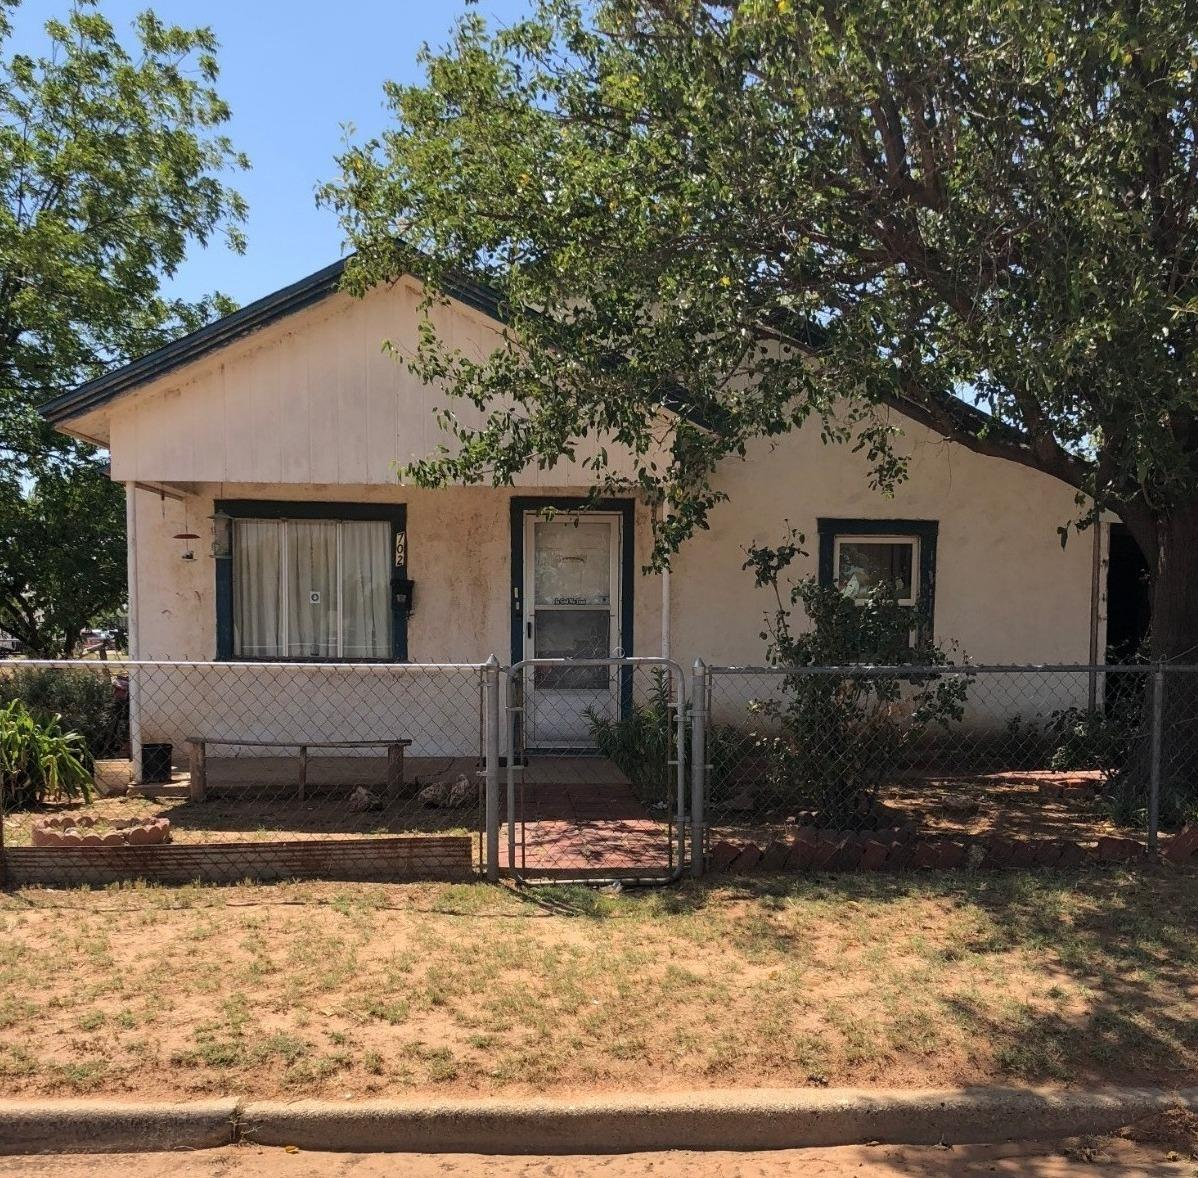 702 N Ave O Lamesa, TX 79331